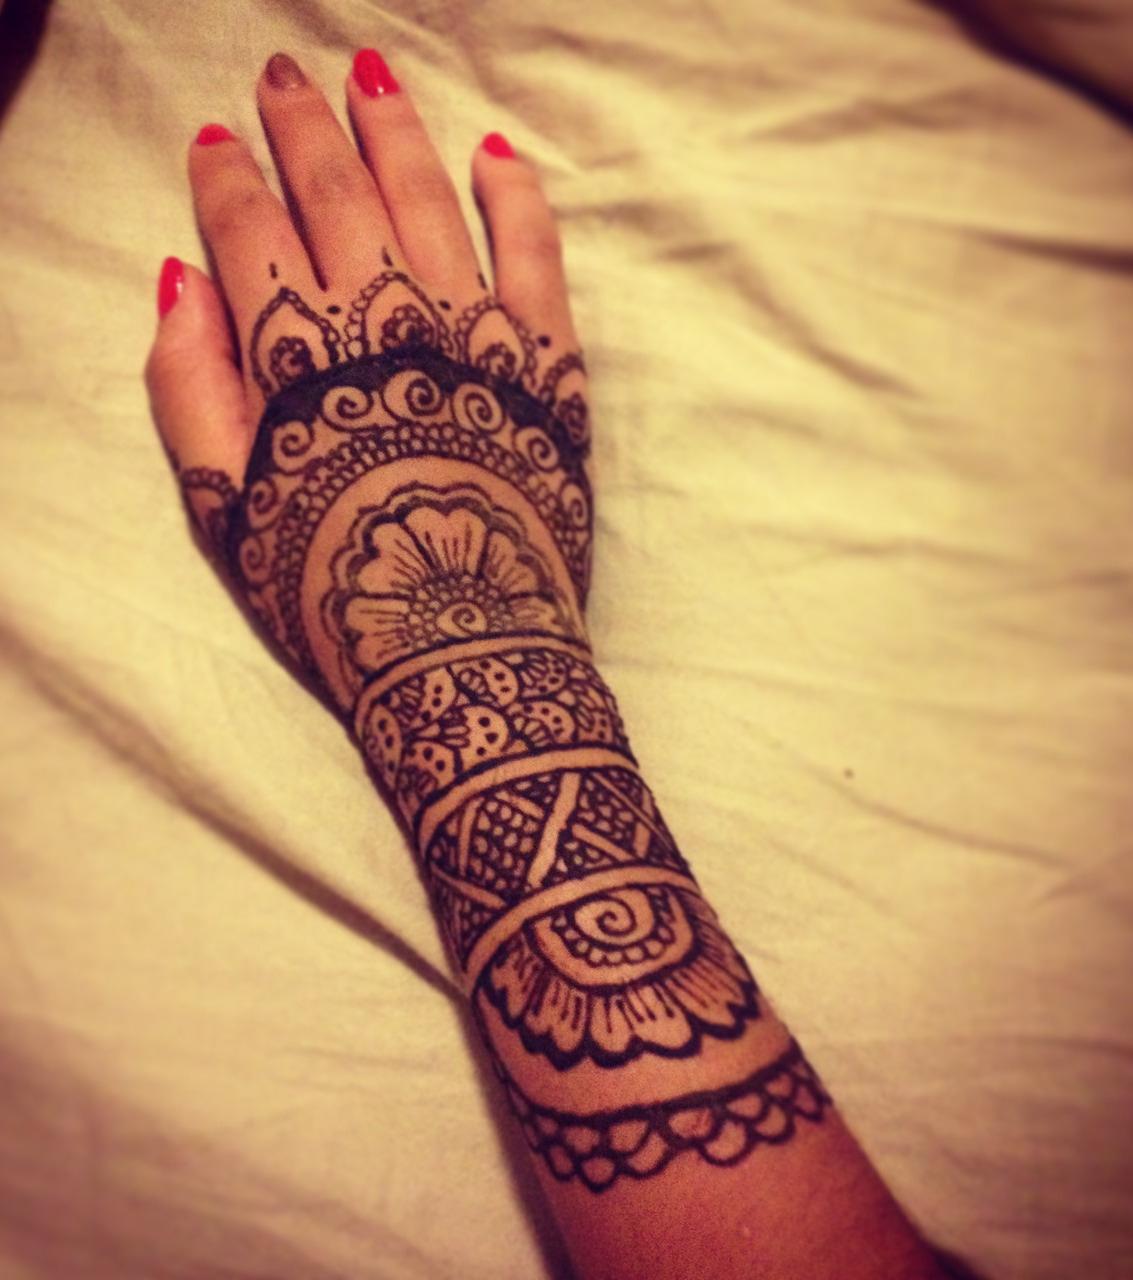 Henna Tattoo Die 20 Schnsten Tattoo Ideen Fr Hand Arm Fu Und within measurements 1133 X 1280